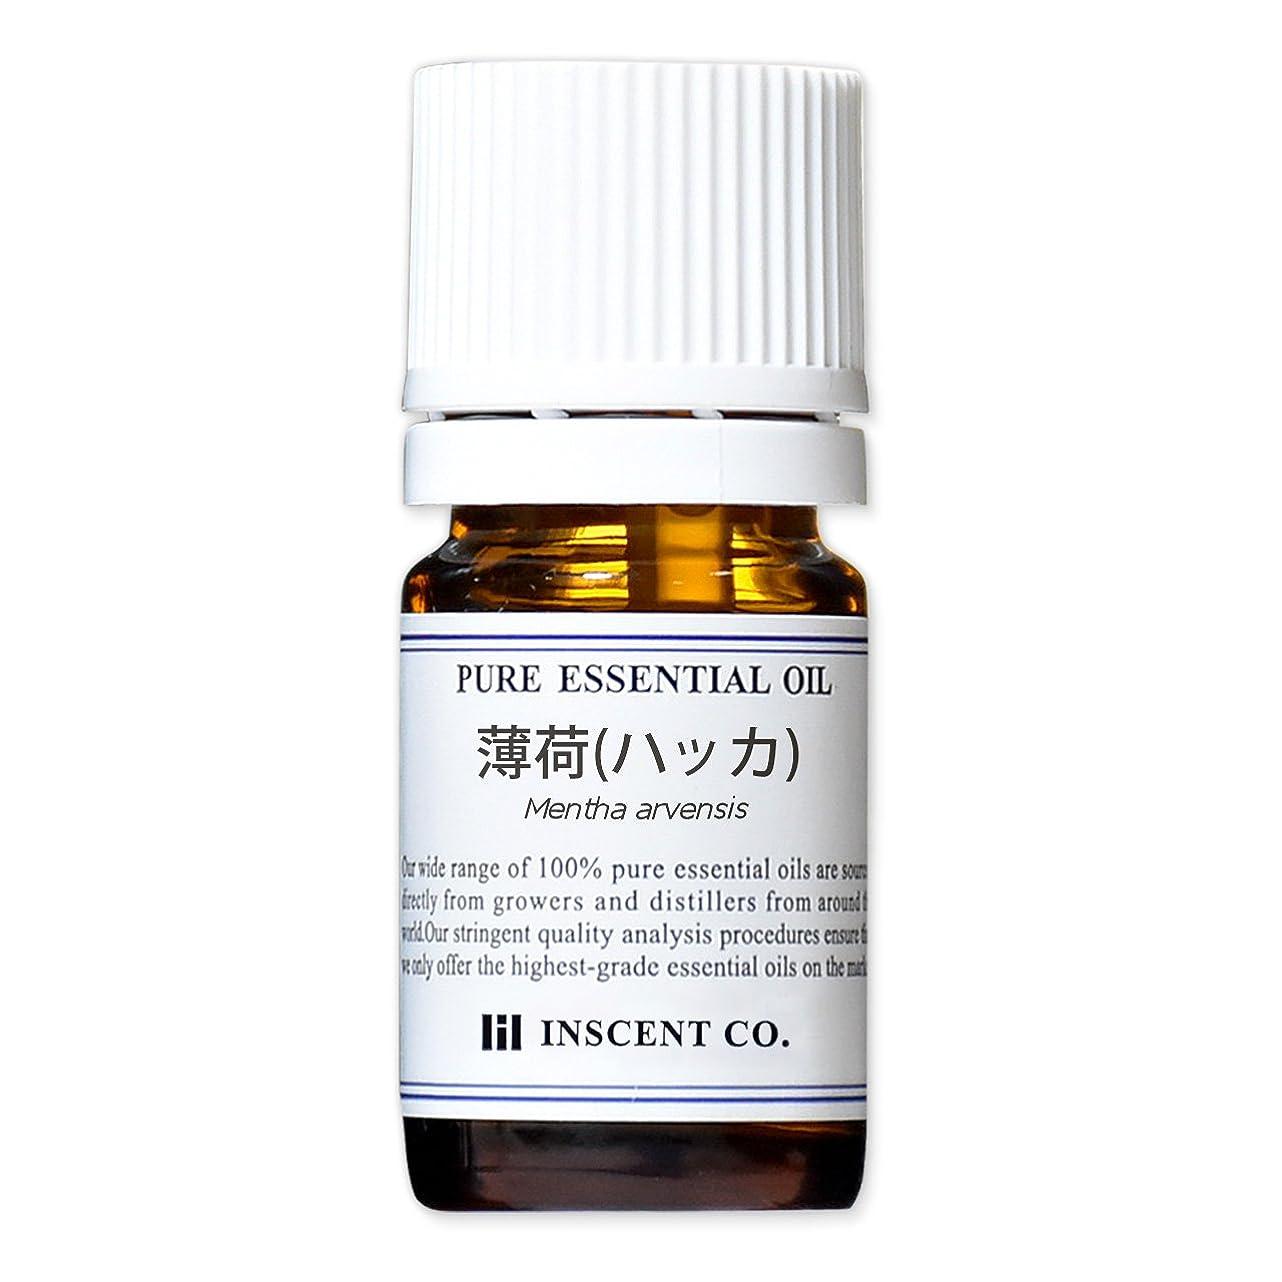 臭い変える署名薄荷 (和ハッカ) (和種) 5ml インセント アロマオイル AEAJ 表示基準適合認定精油